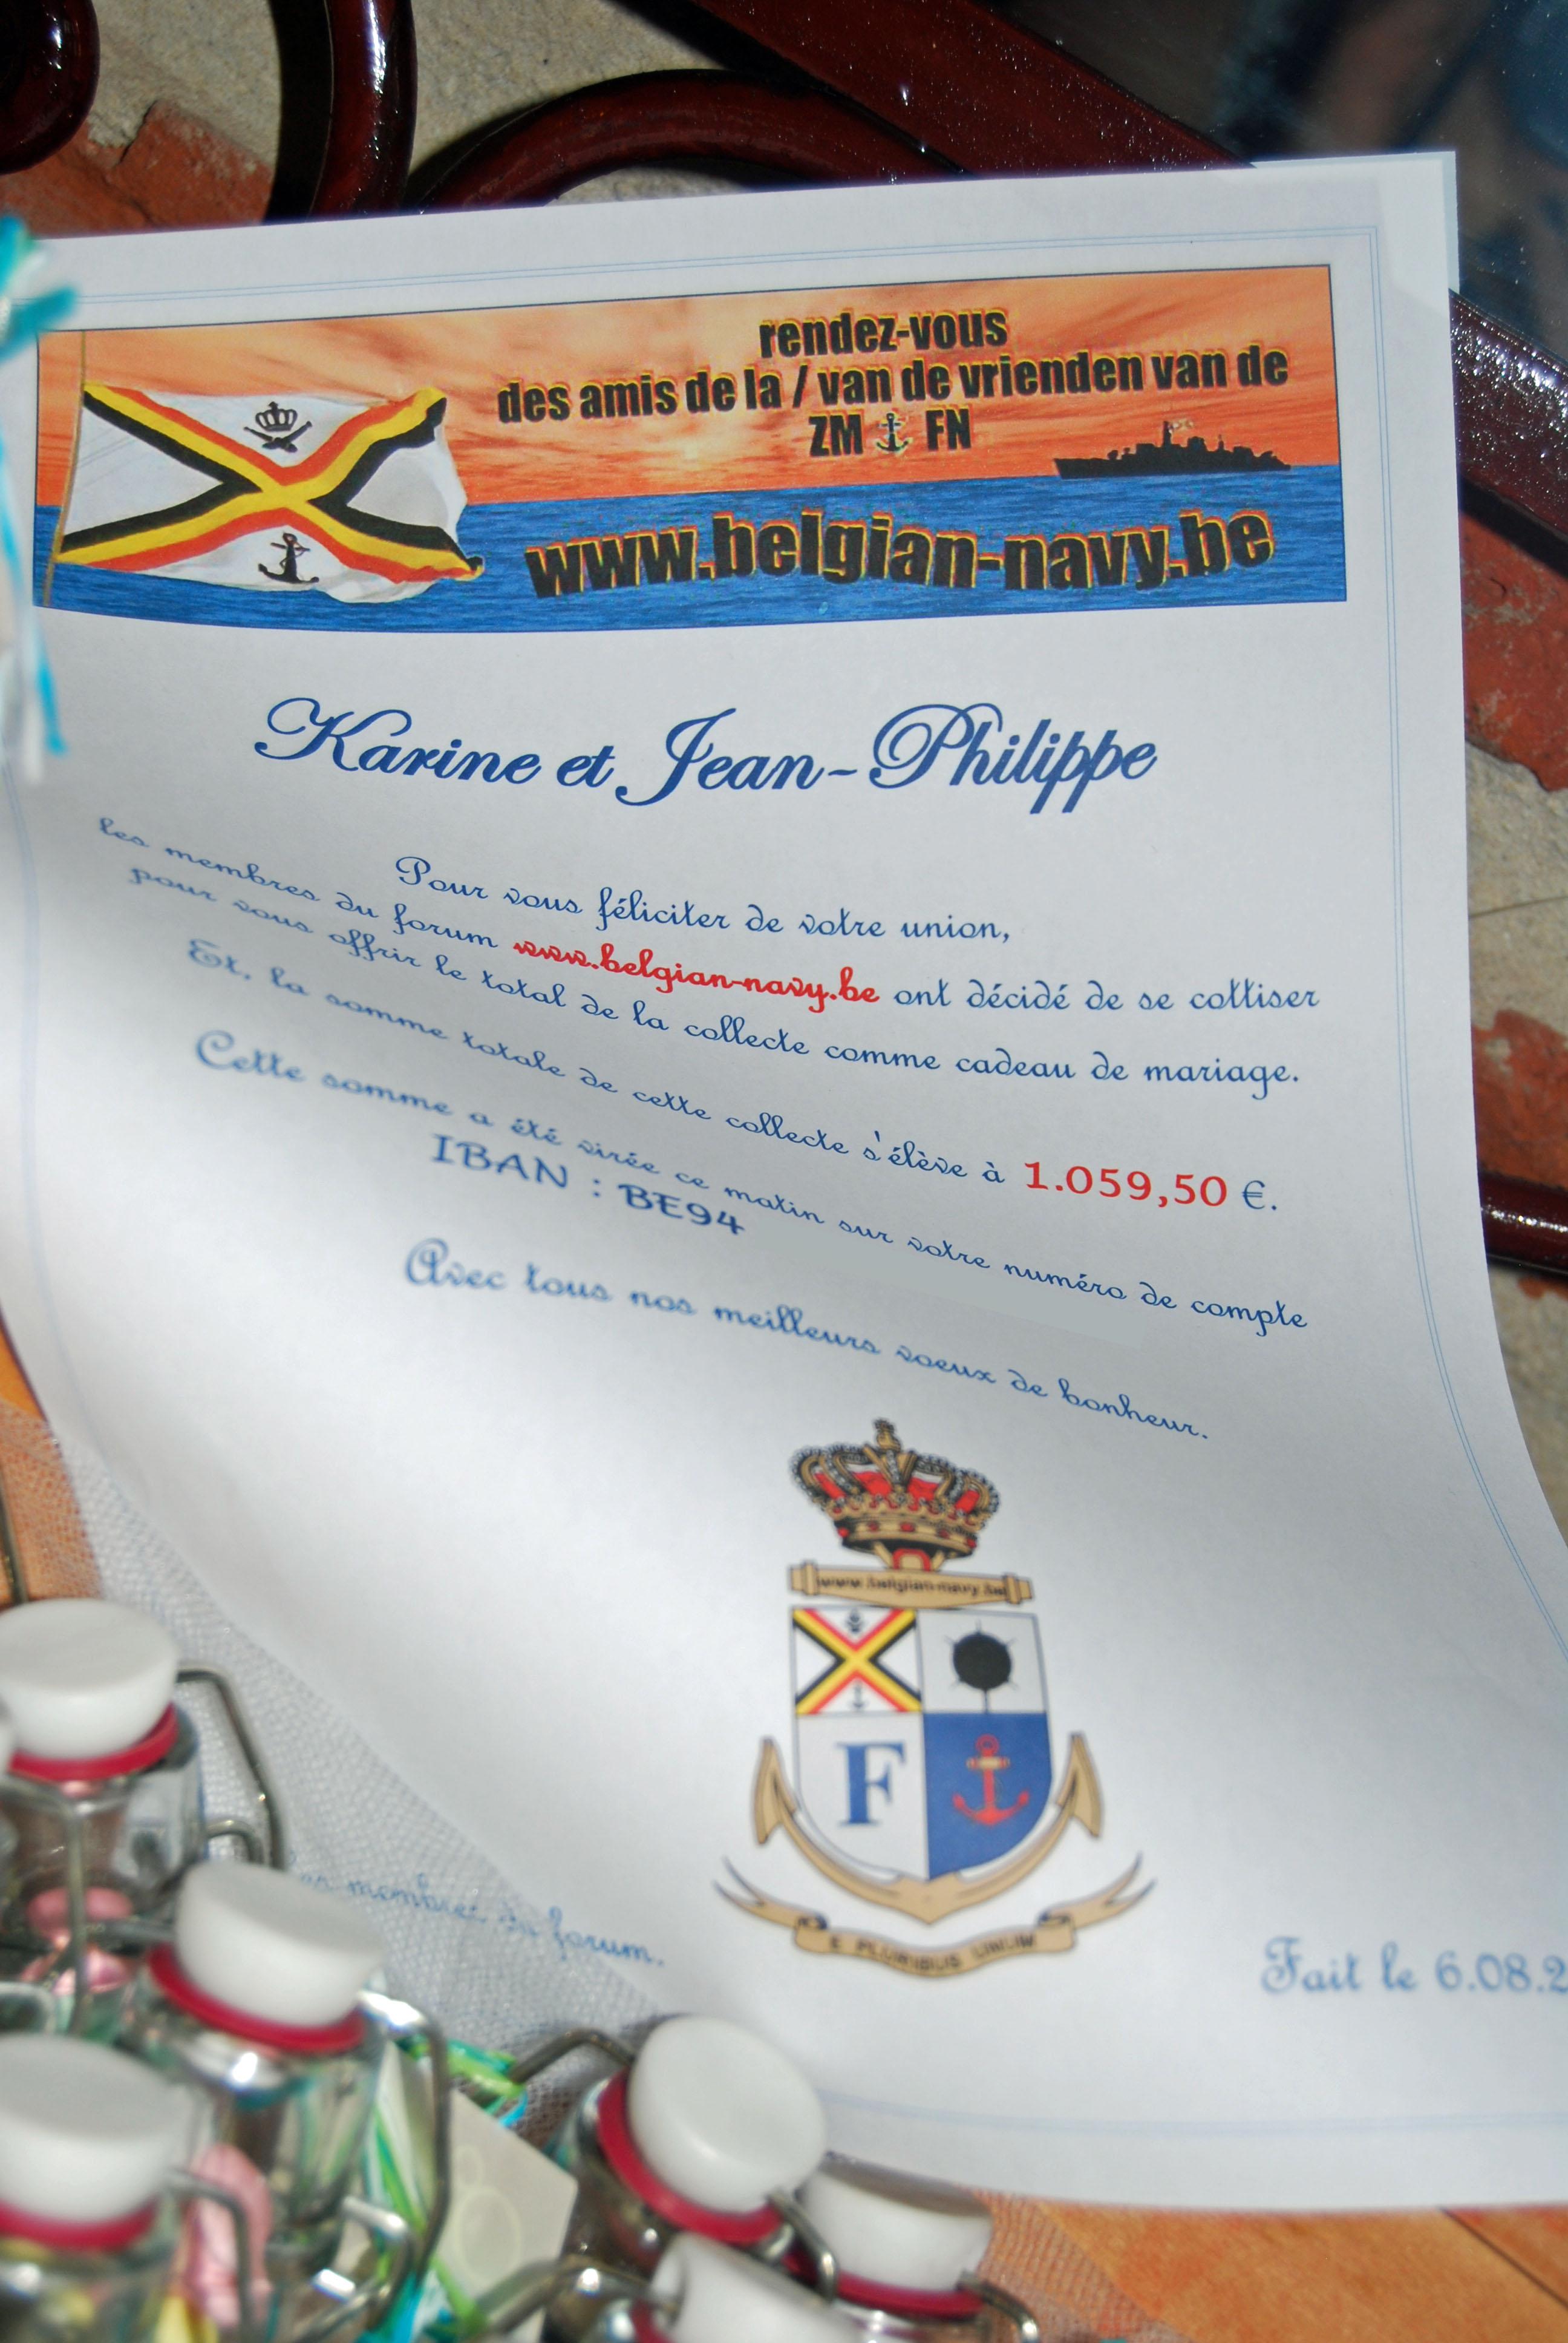 2 membres de notre forum se marient ensemble :-) - Page 3 110808074333873308559763